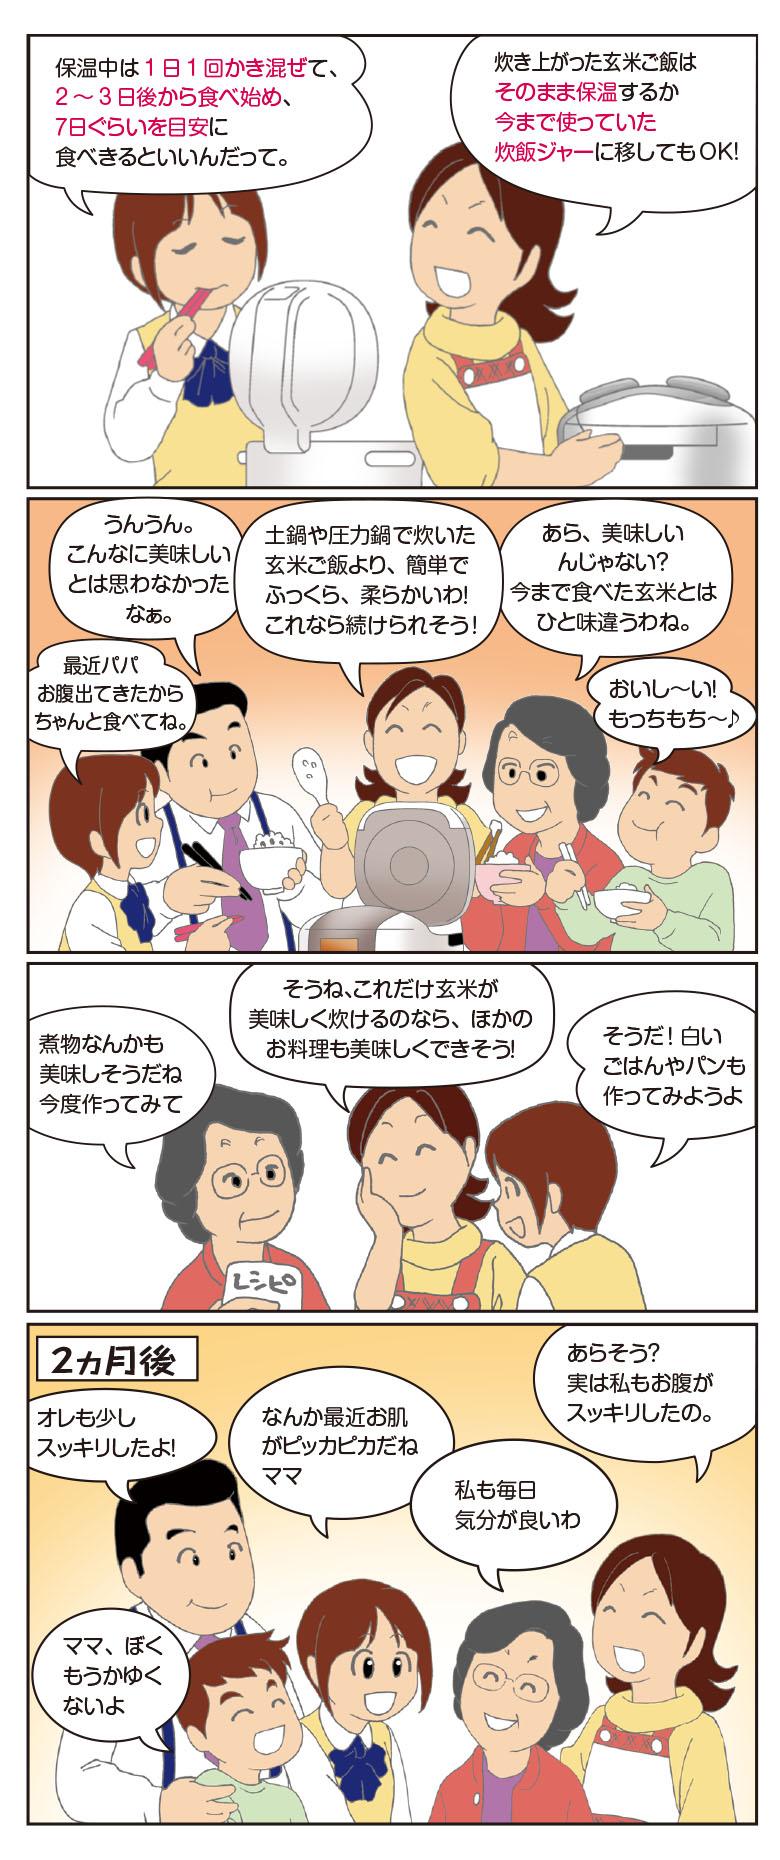 がんばりままのCUCKOO圧力名人デビュー日記!つづき